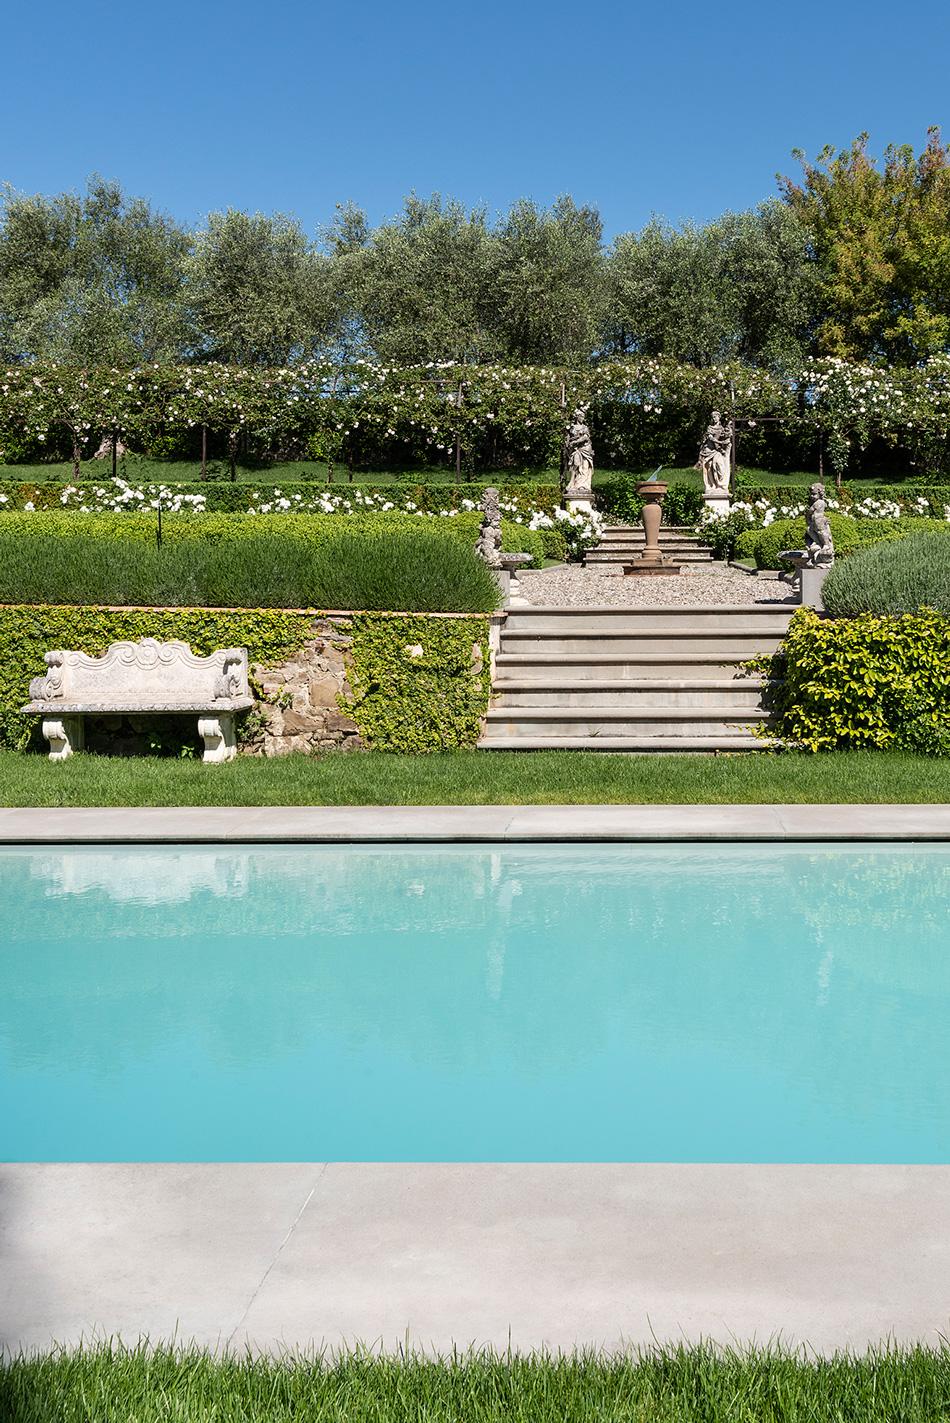 dalla zona piscina, l'interessante sequenza di livelli del giardino